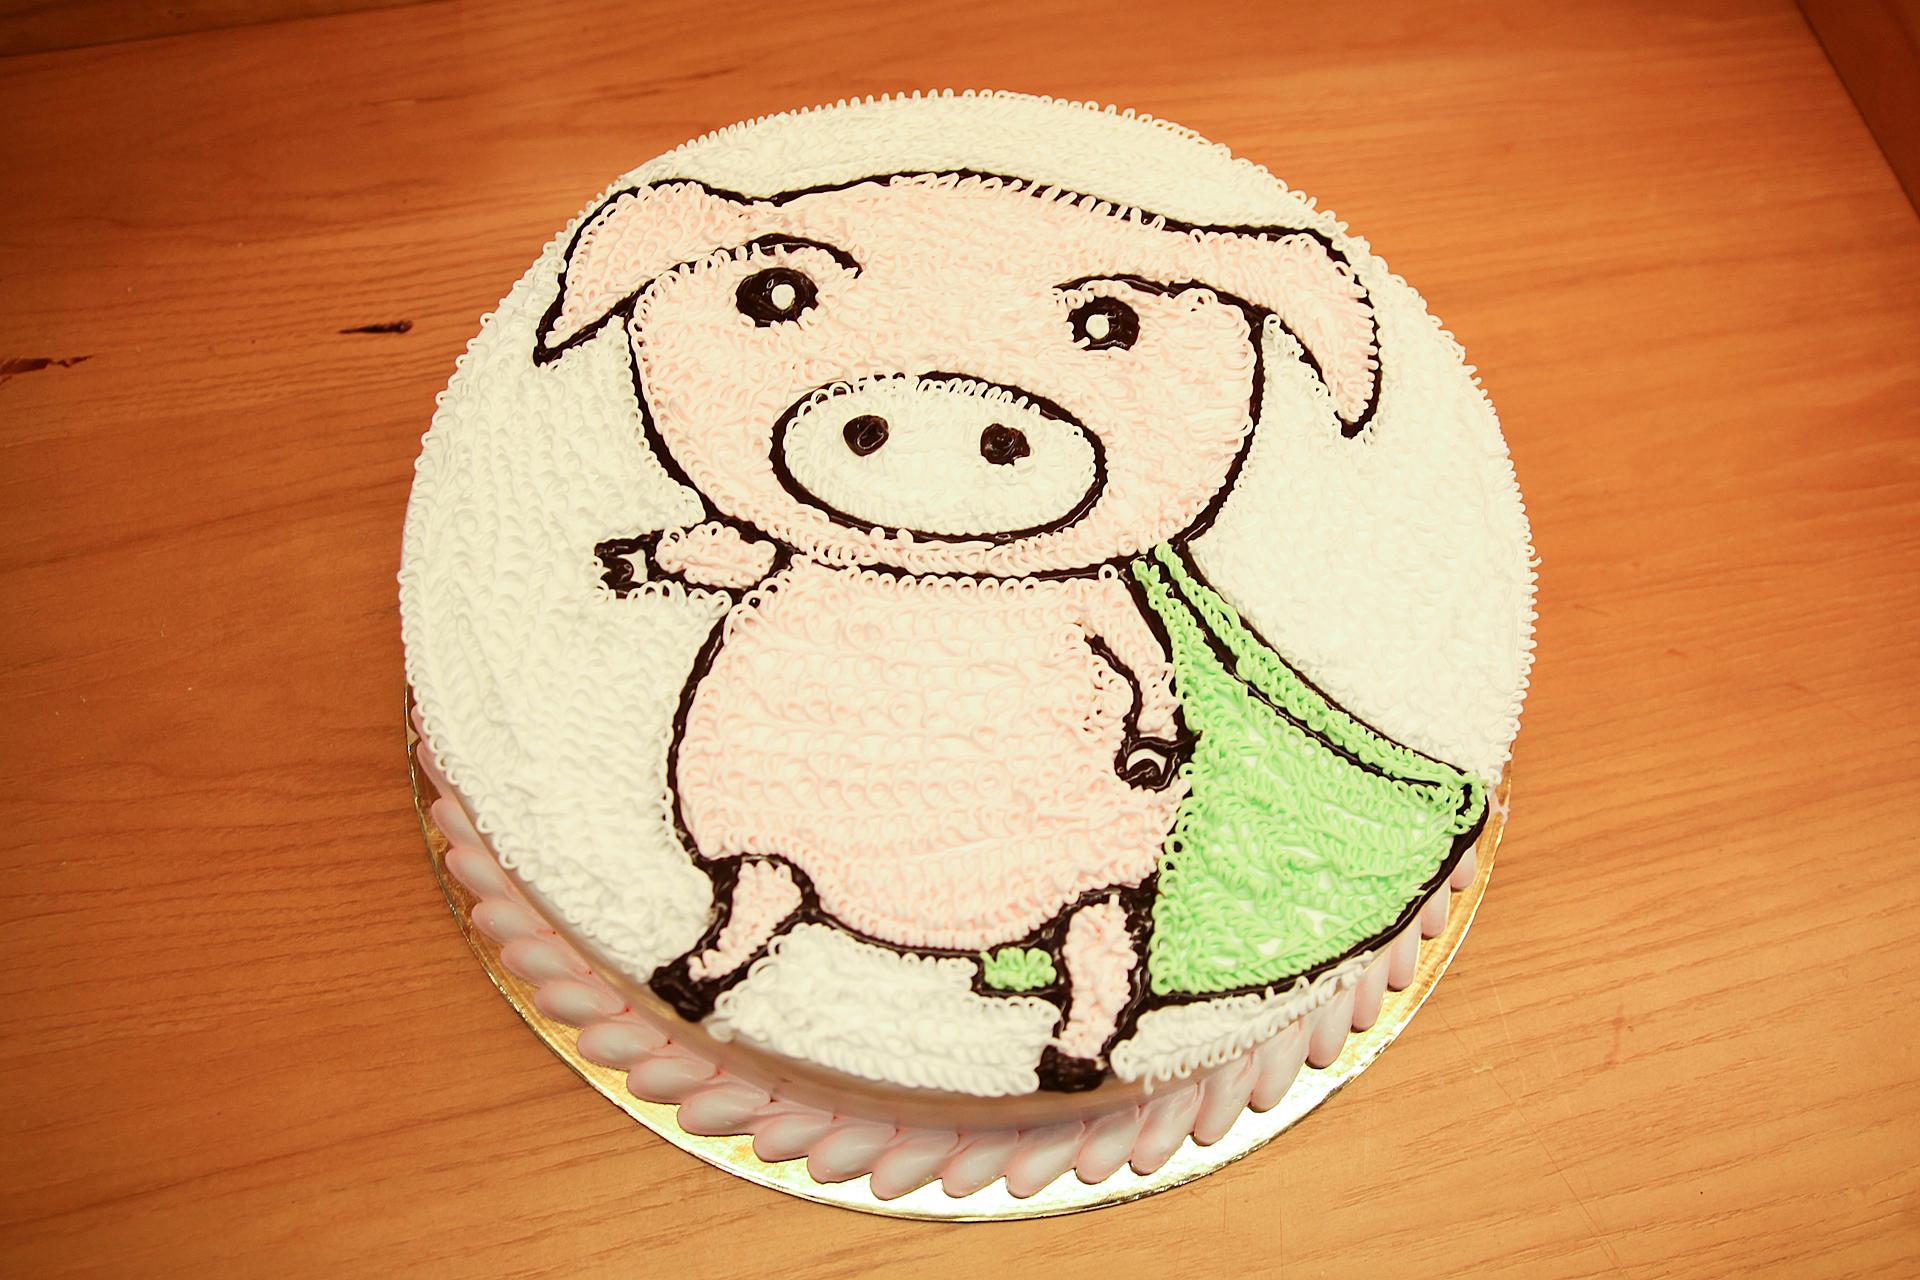 Lợn siêu nhân (Super pig)